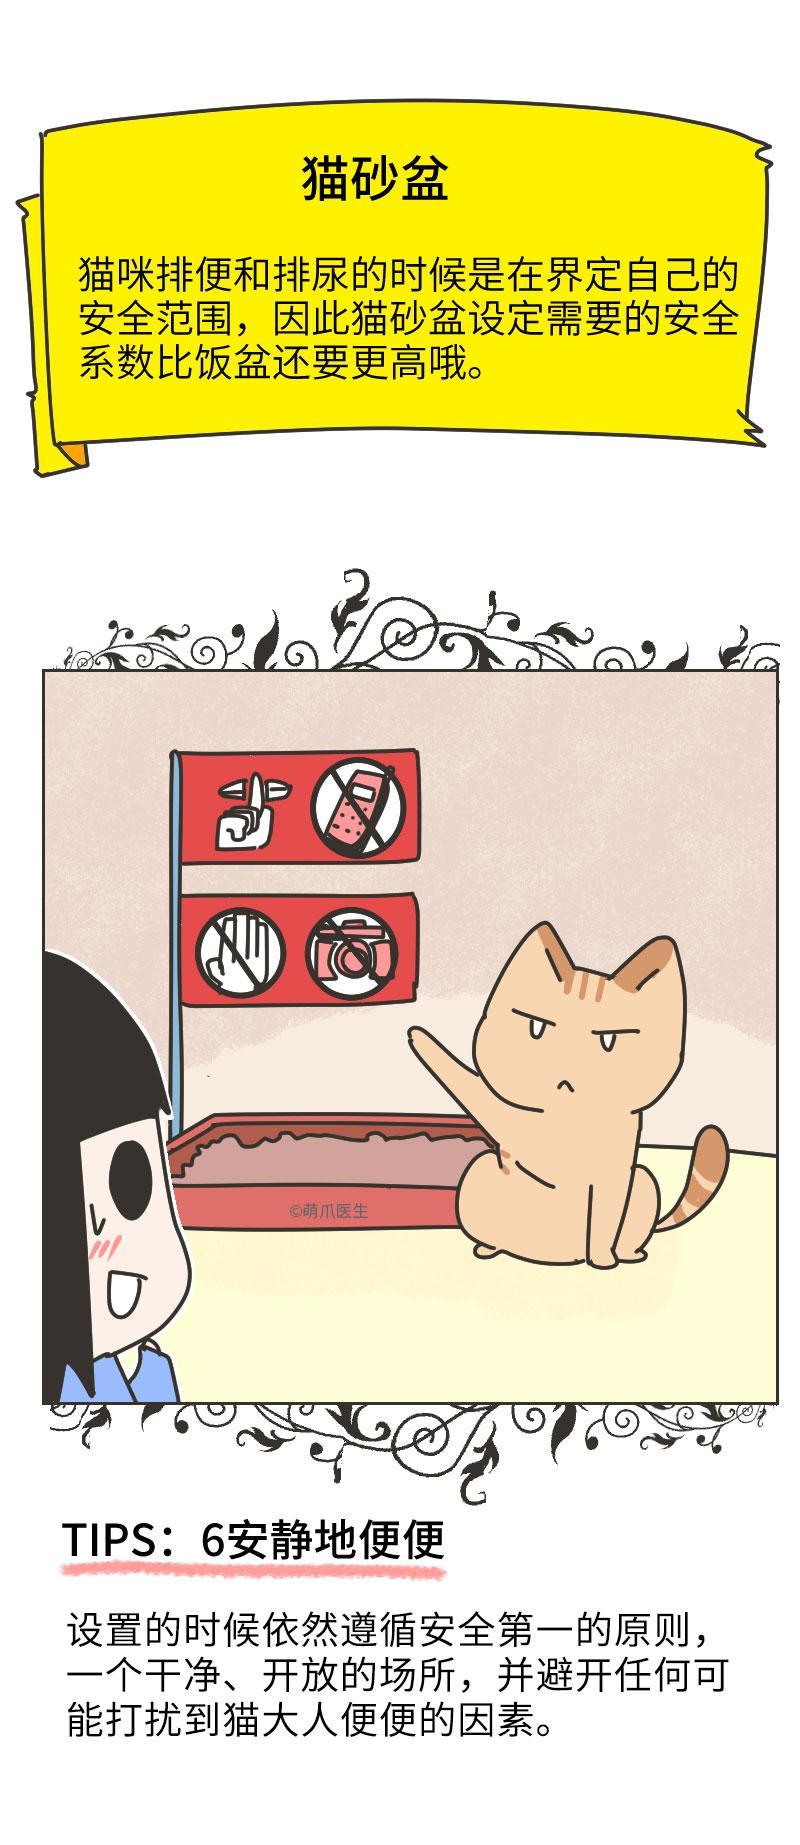 挠~挠~挠~猫咪又在家里毁天灭地了,怎么办呢?